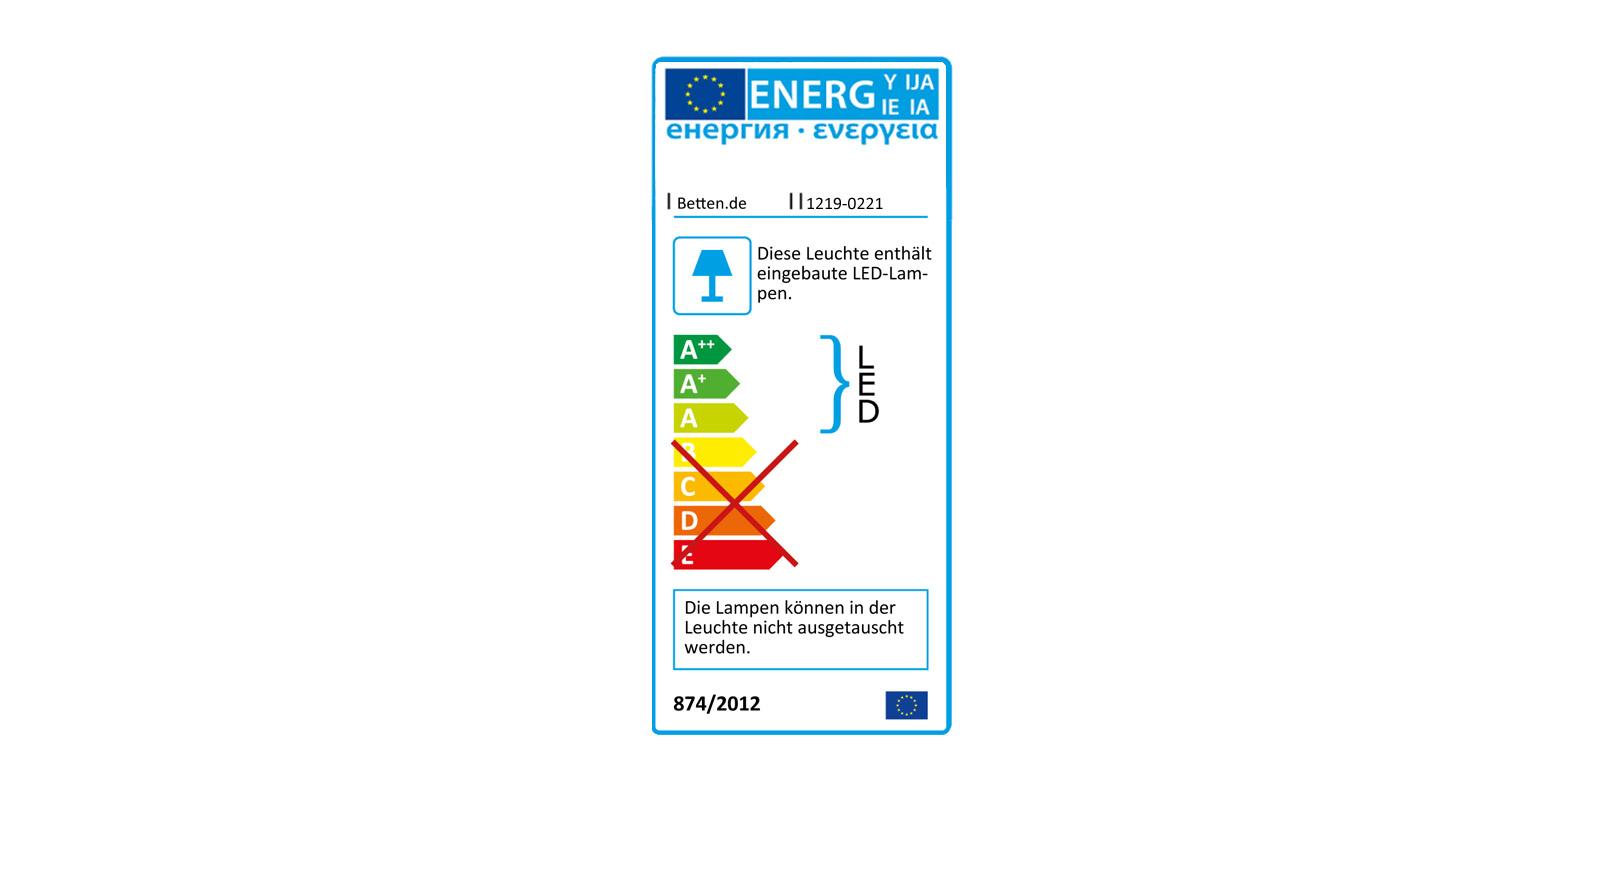 Energieverbrauchskennzeichnung zum LED-Nachtlicht Dabola